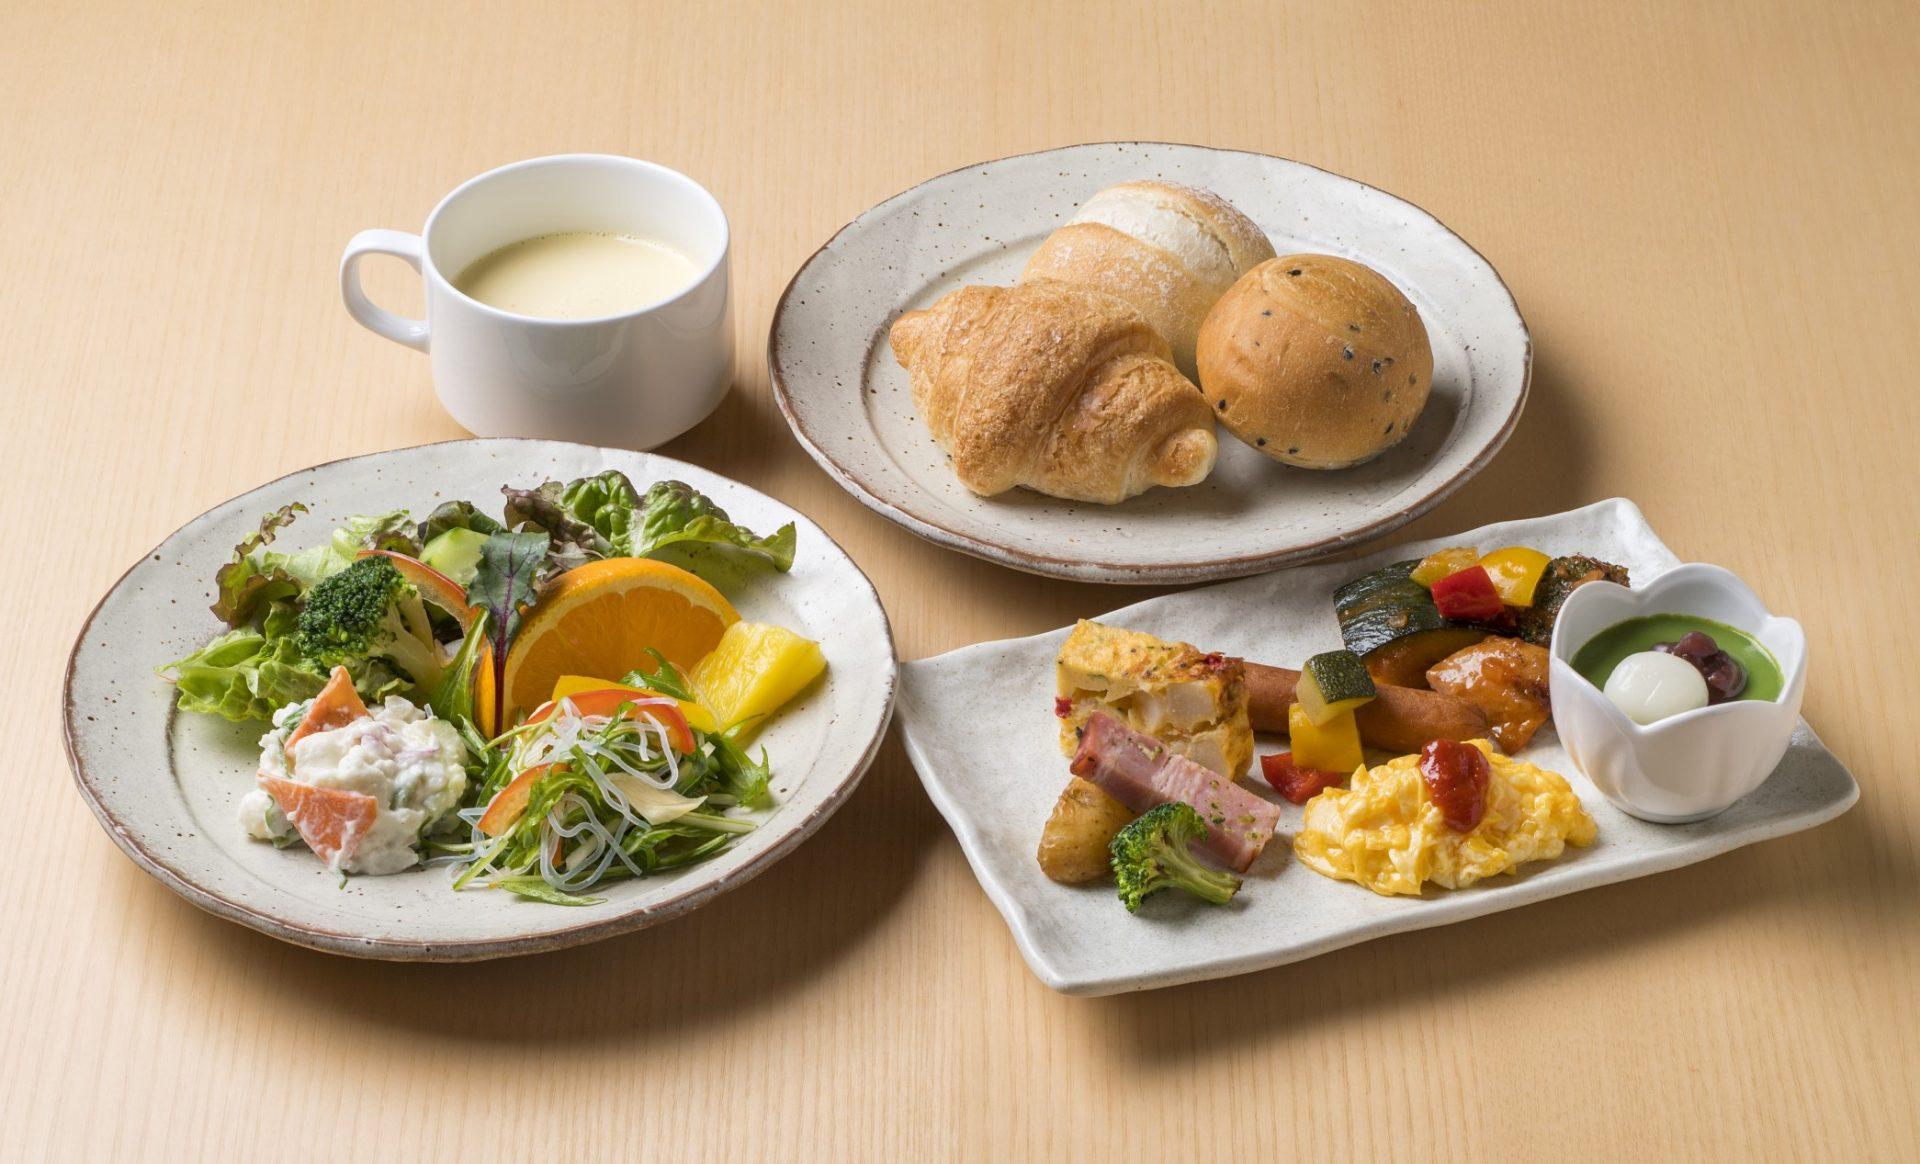 【平日限定】お得な朝食付きプラン